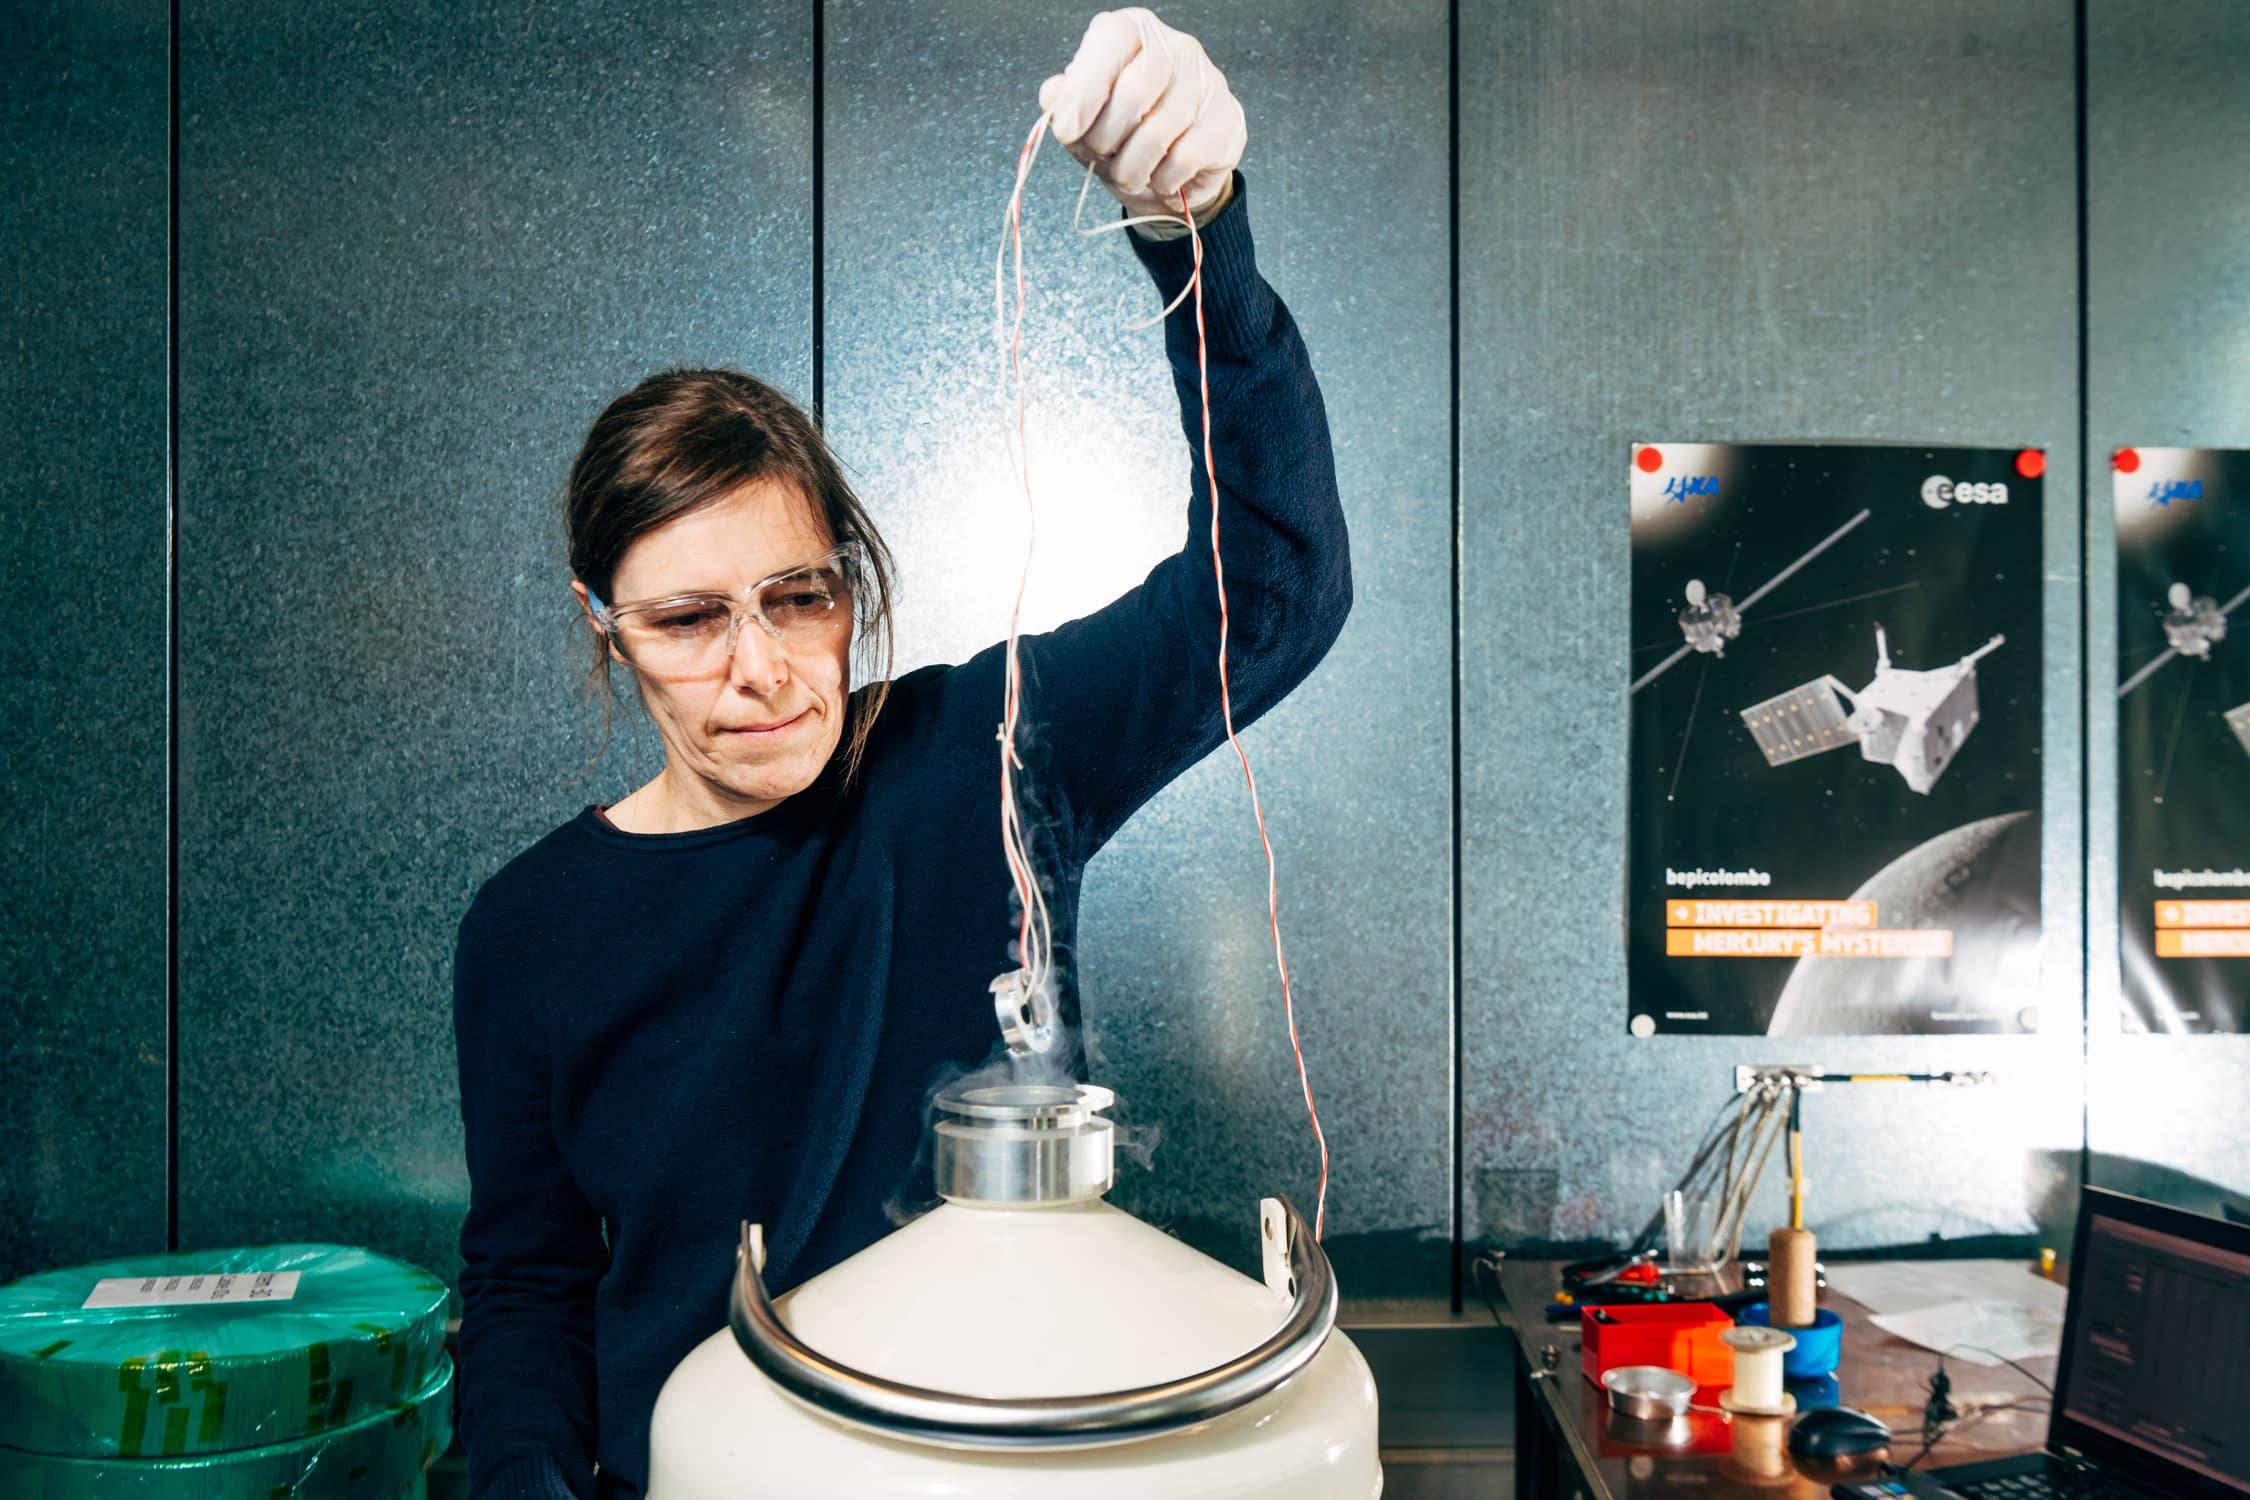 Irmgard Jernej vom österreichischen Institut für Weltraumforschung